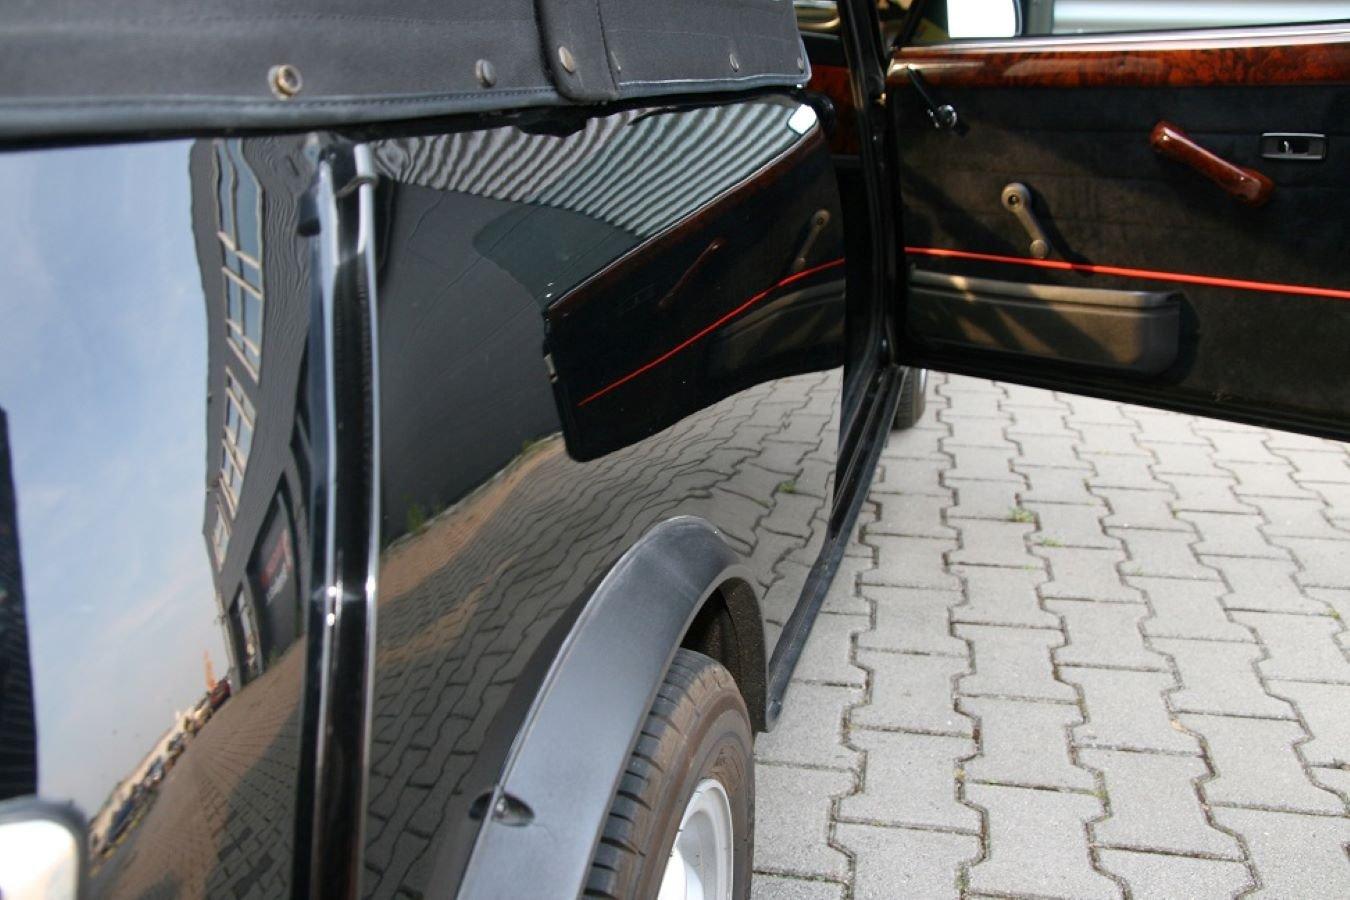 1988 Austin Mini Jet Black Cabrioni For Sale (picture 5 of 6)